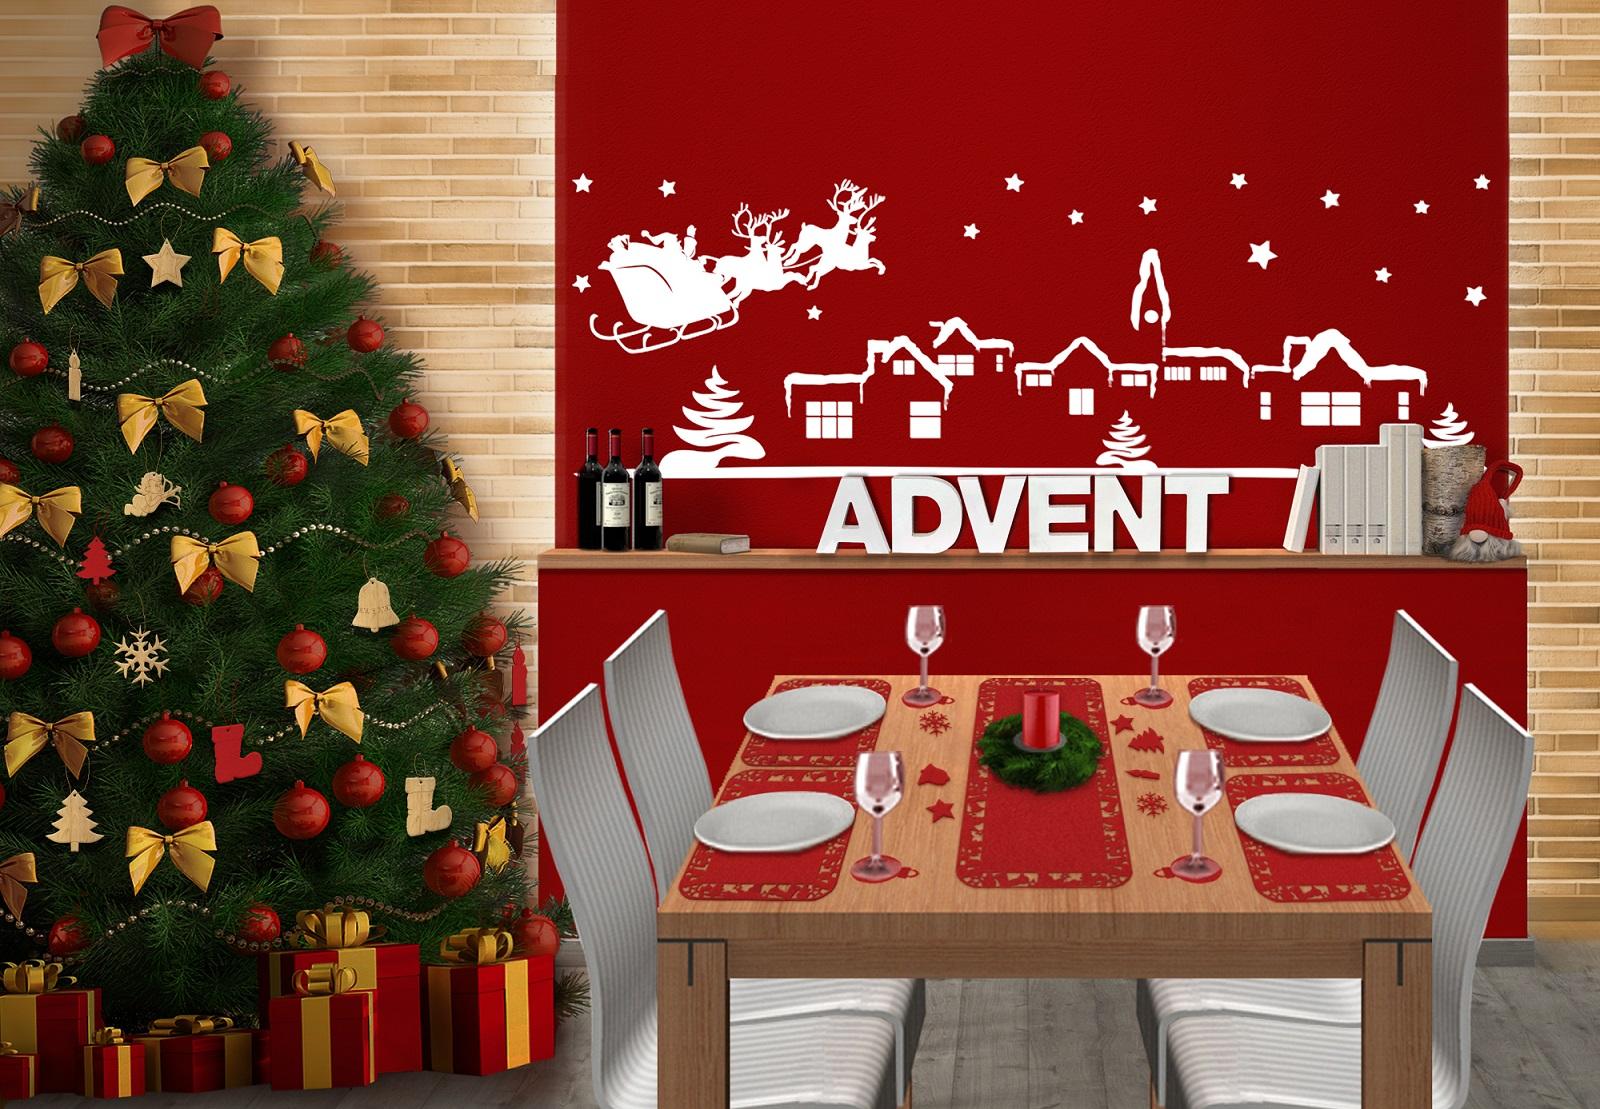 Weihnachten bezaubernde dekoration wall for Dekoration weihnachten